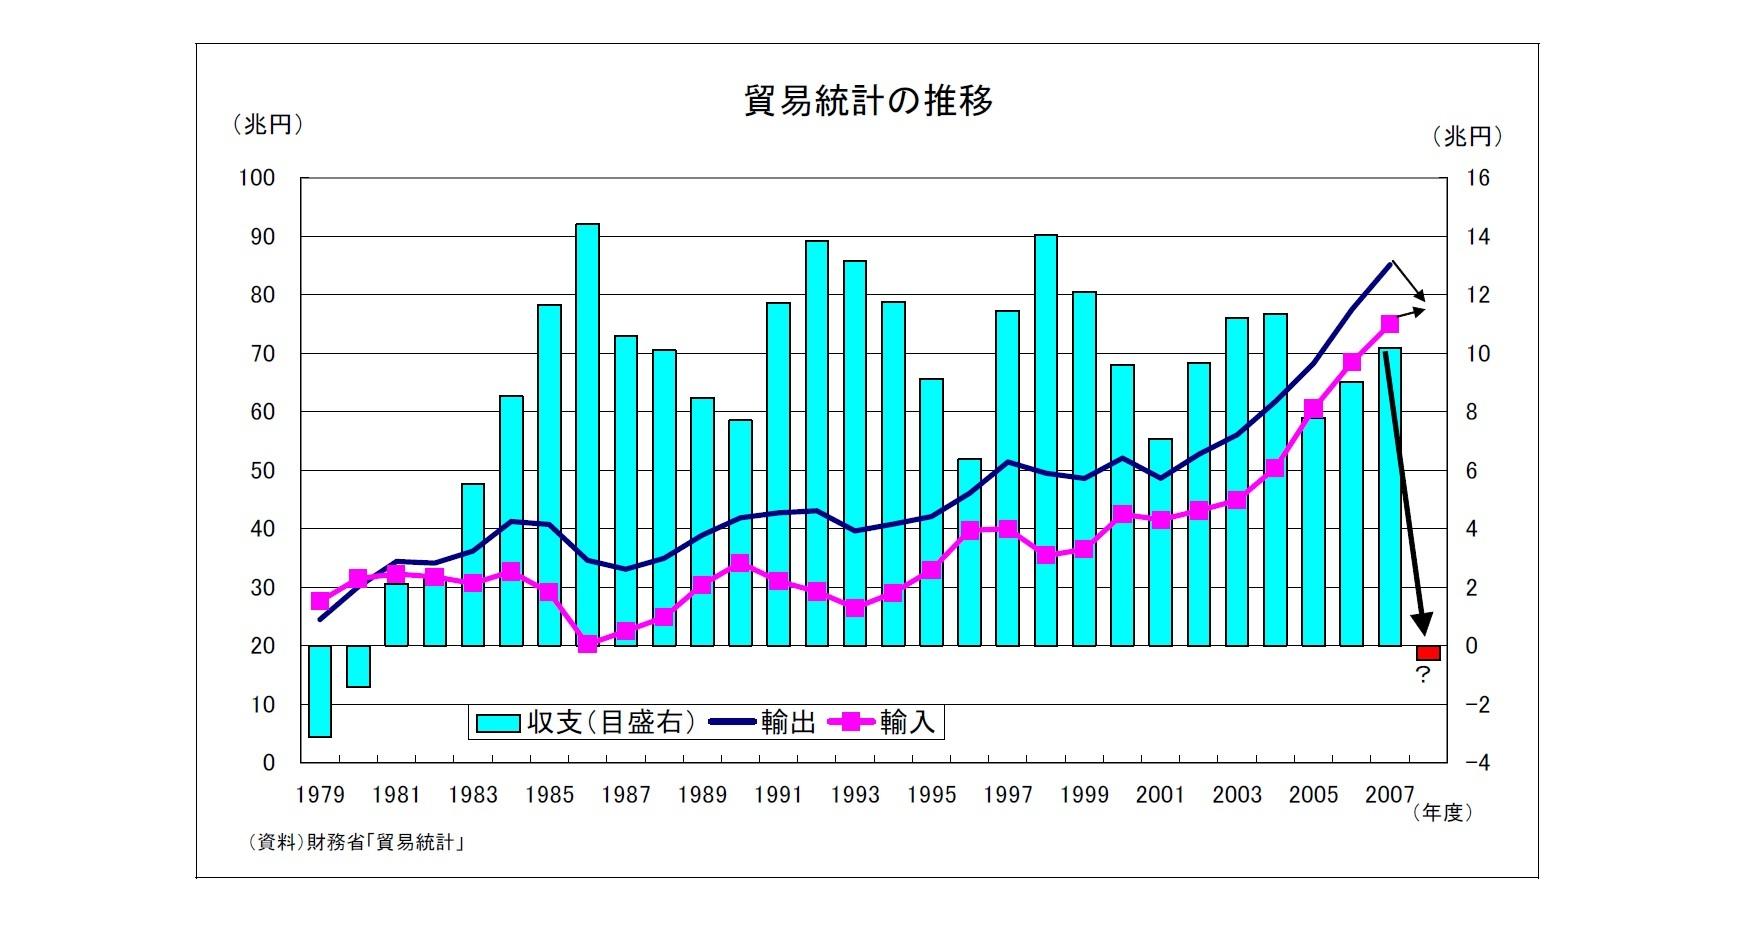 貿易統計の推移